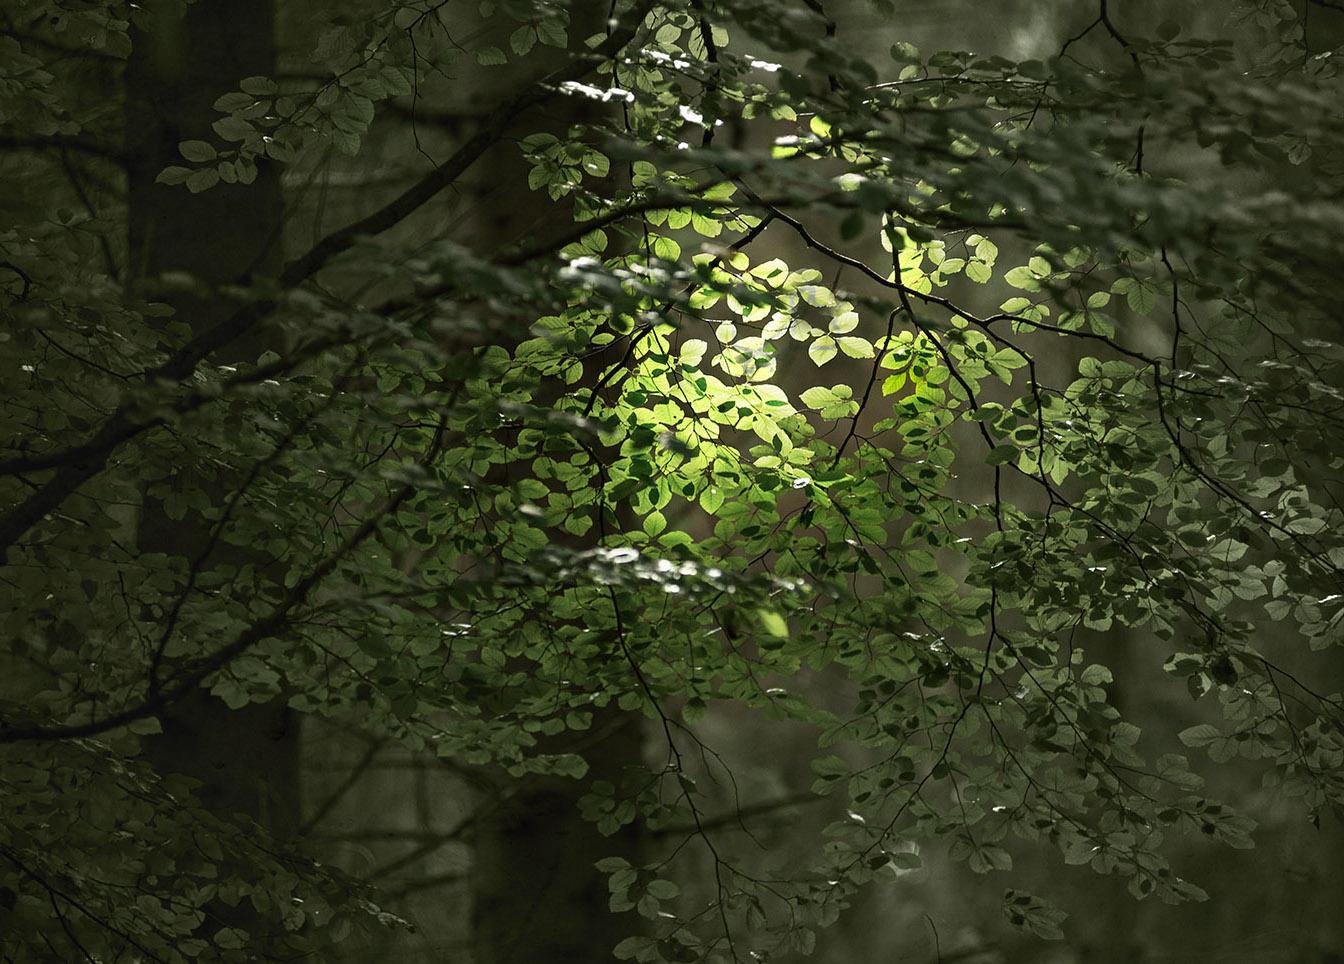 Glimmmer of light